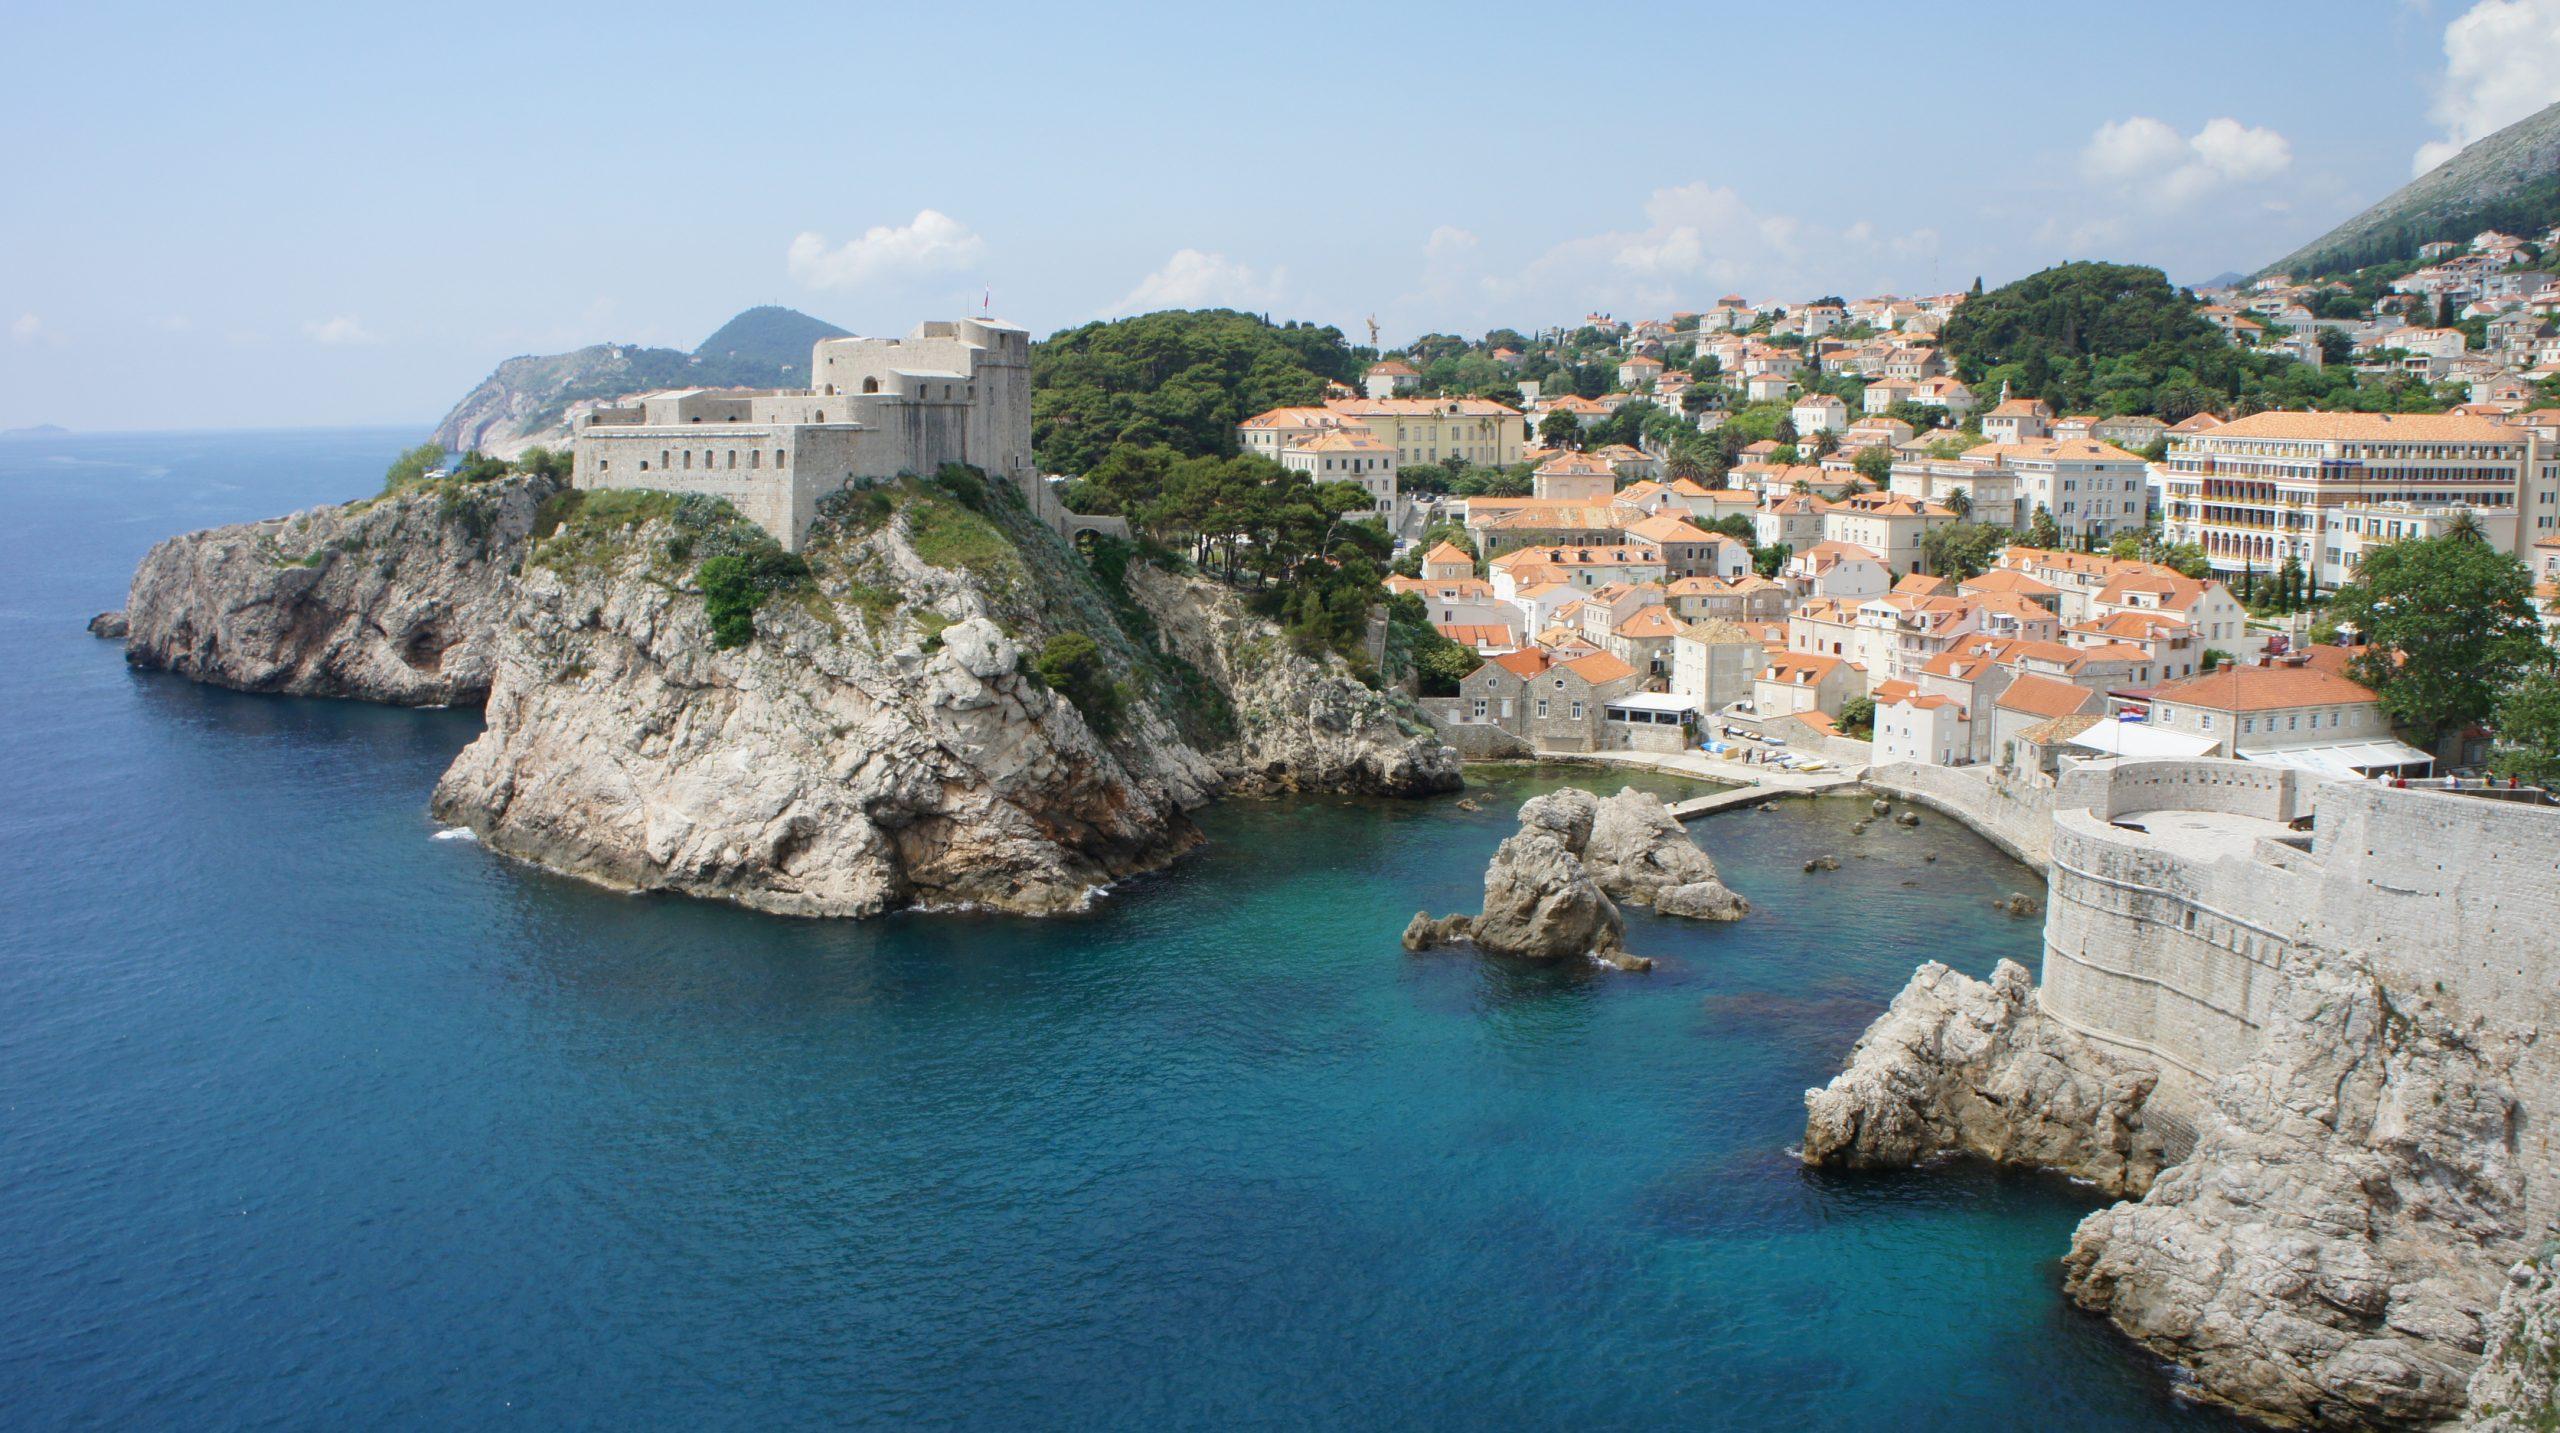 At Dubrovnik, Croatia in 2011